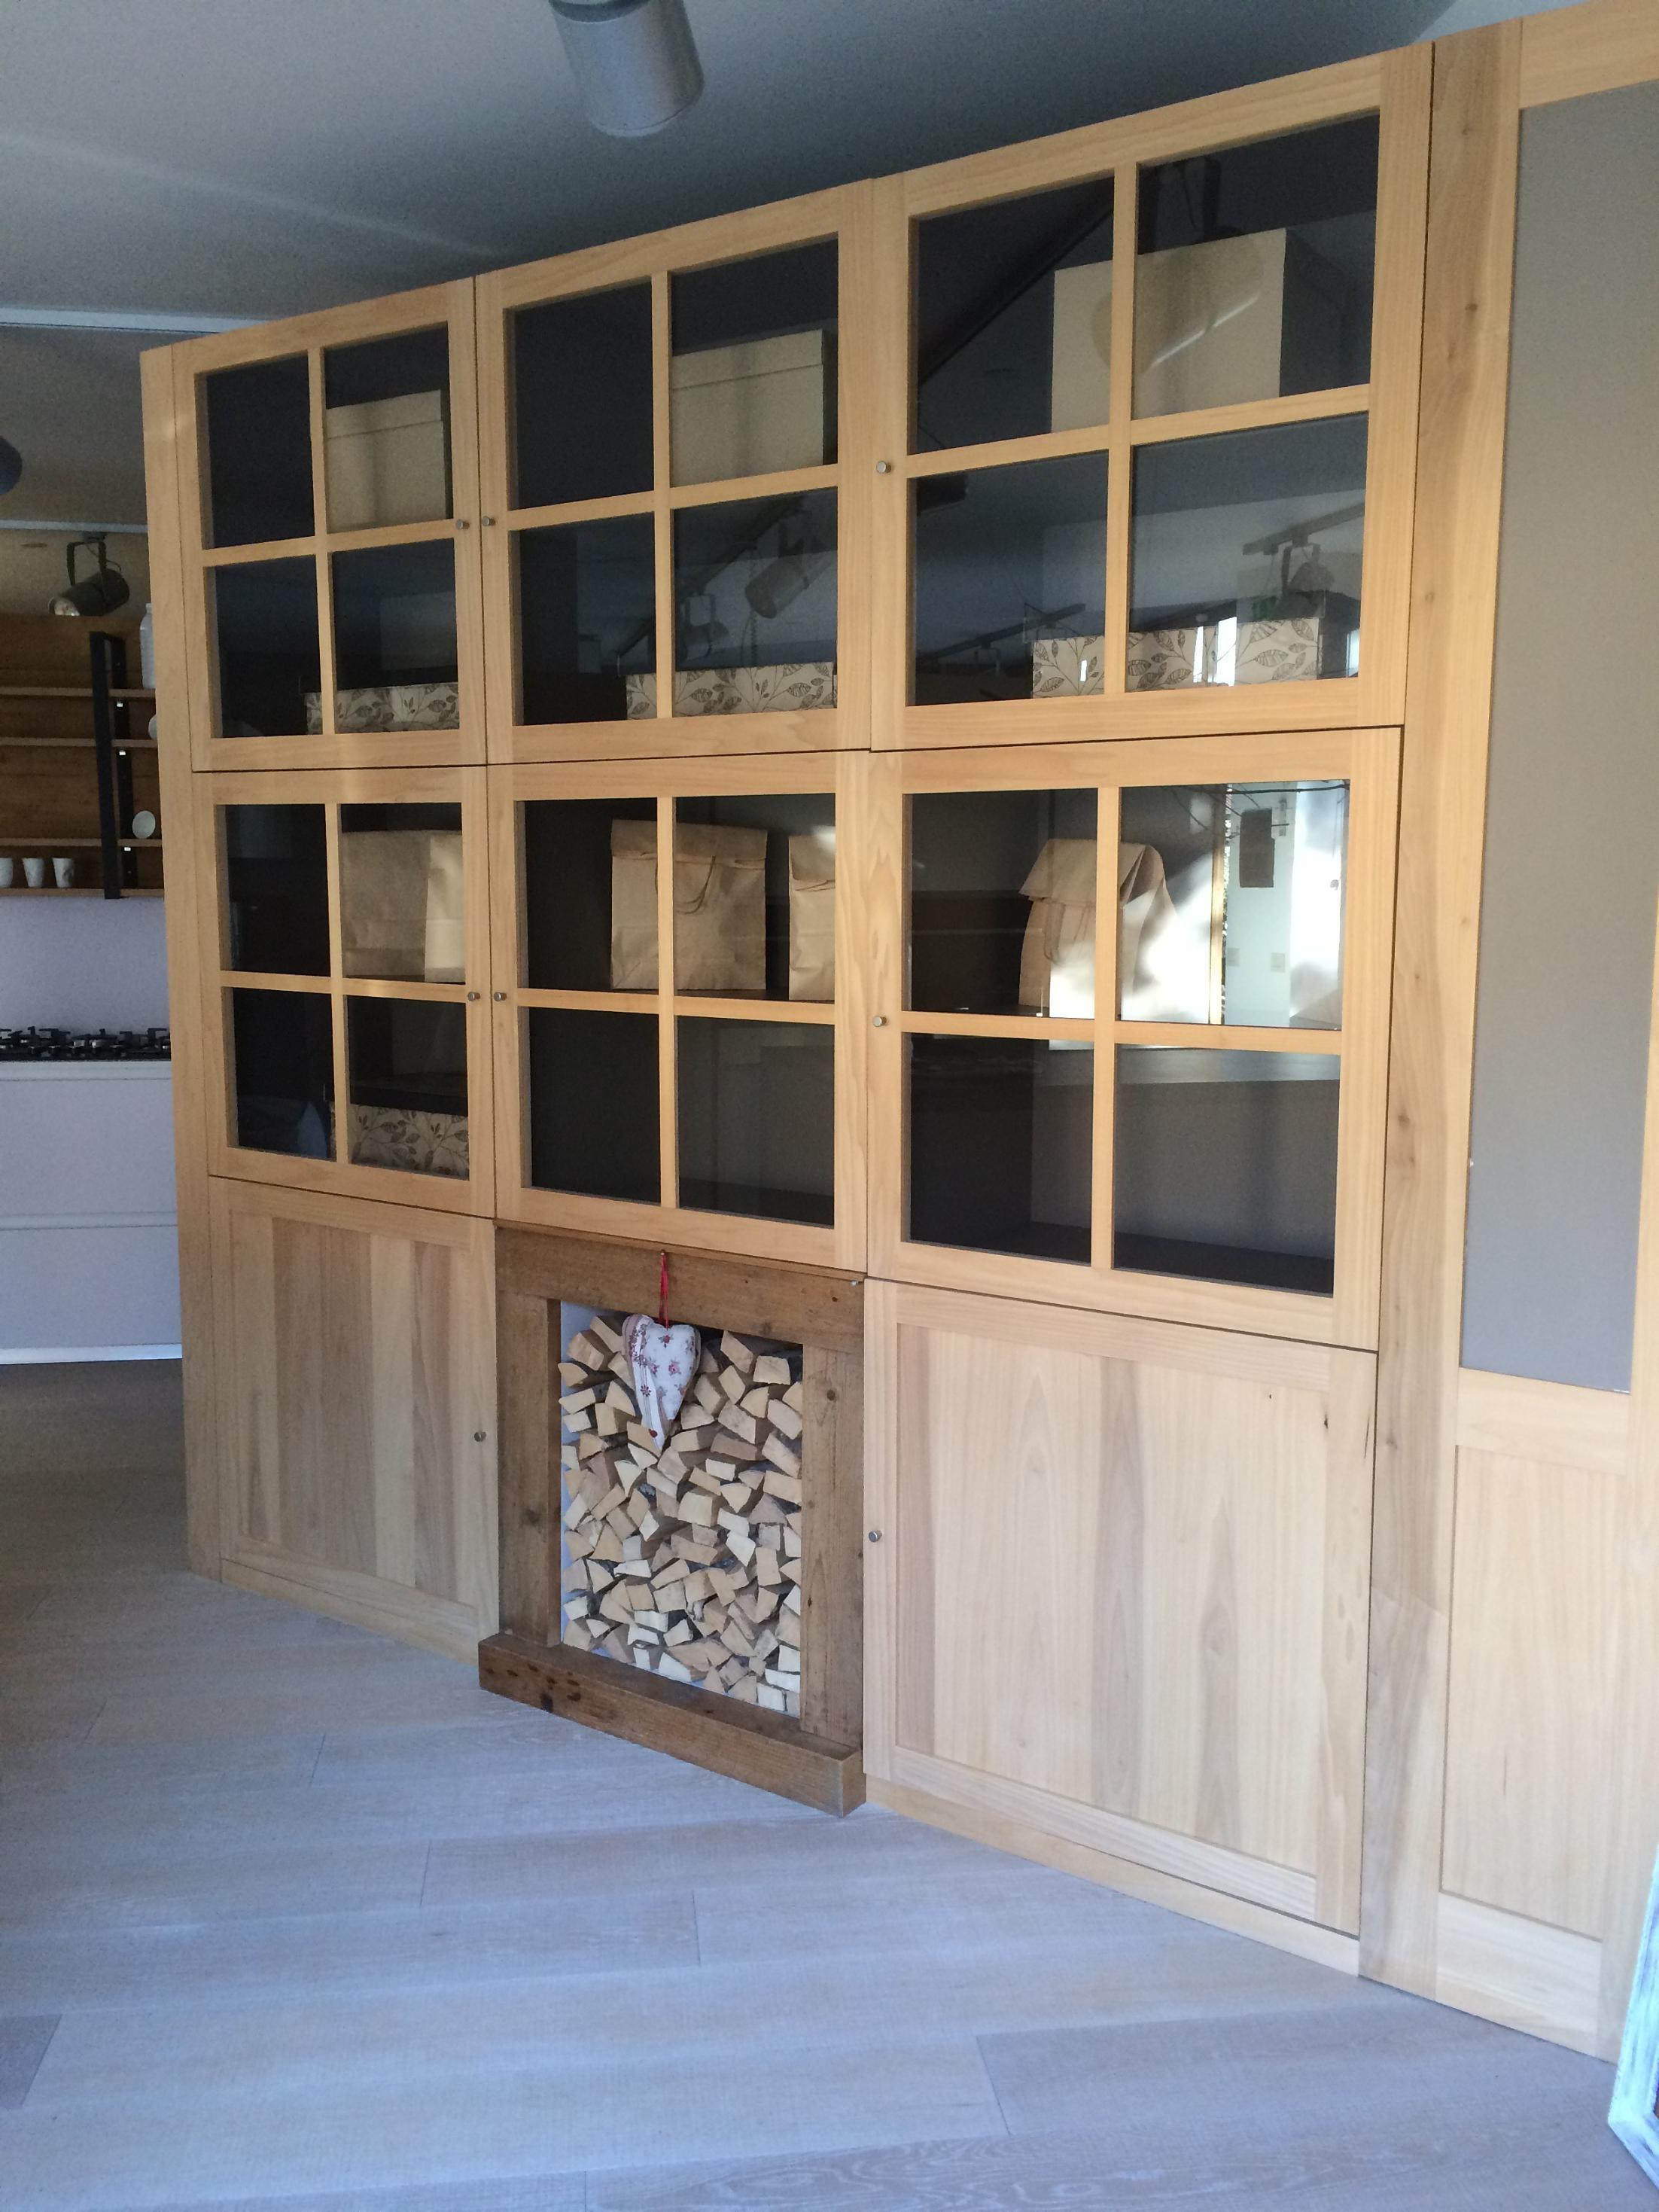 Soggiorno mobile libreria contenitore in legno massello soggiorni a prezzi scontati - Soggiorni in legno ...